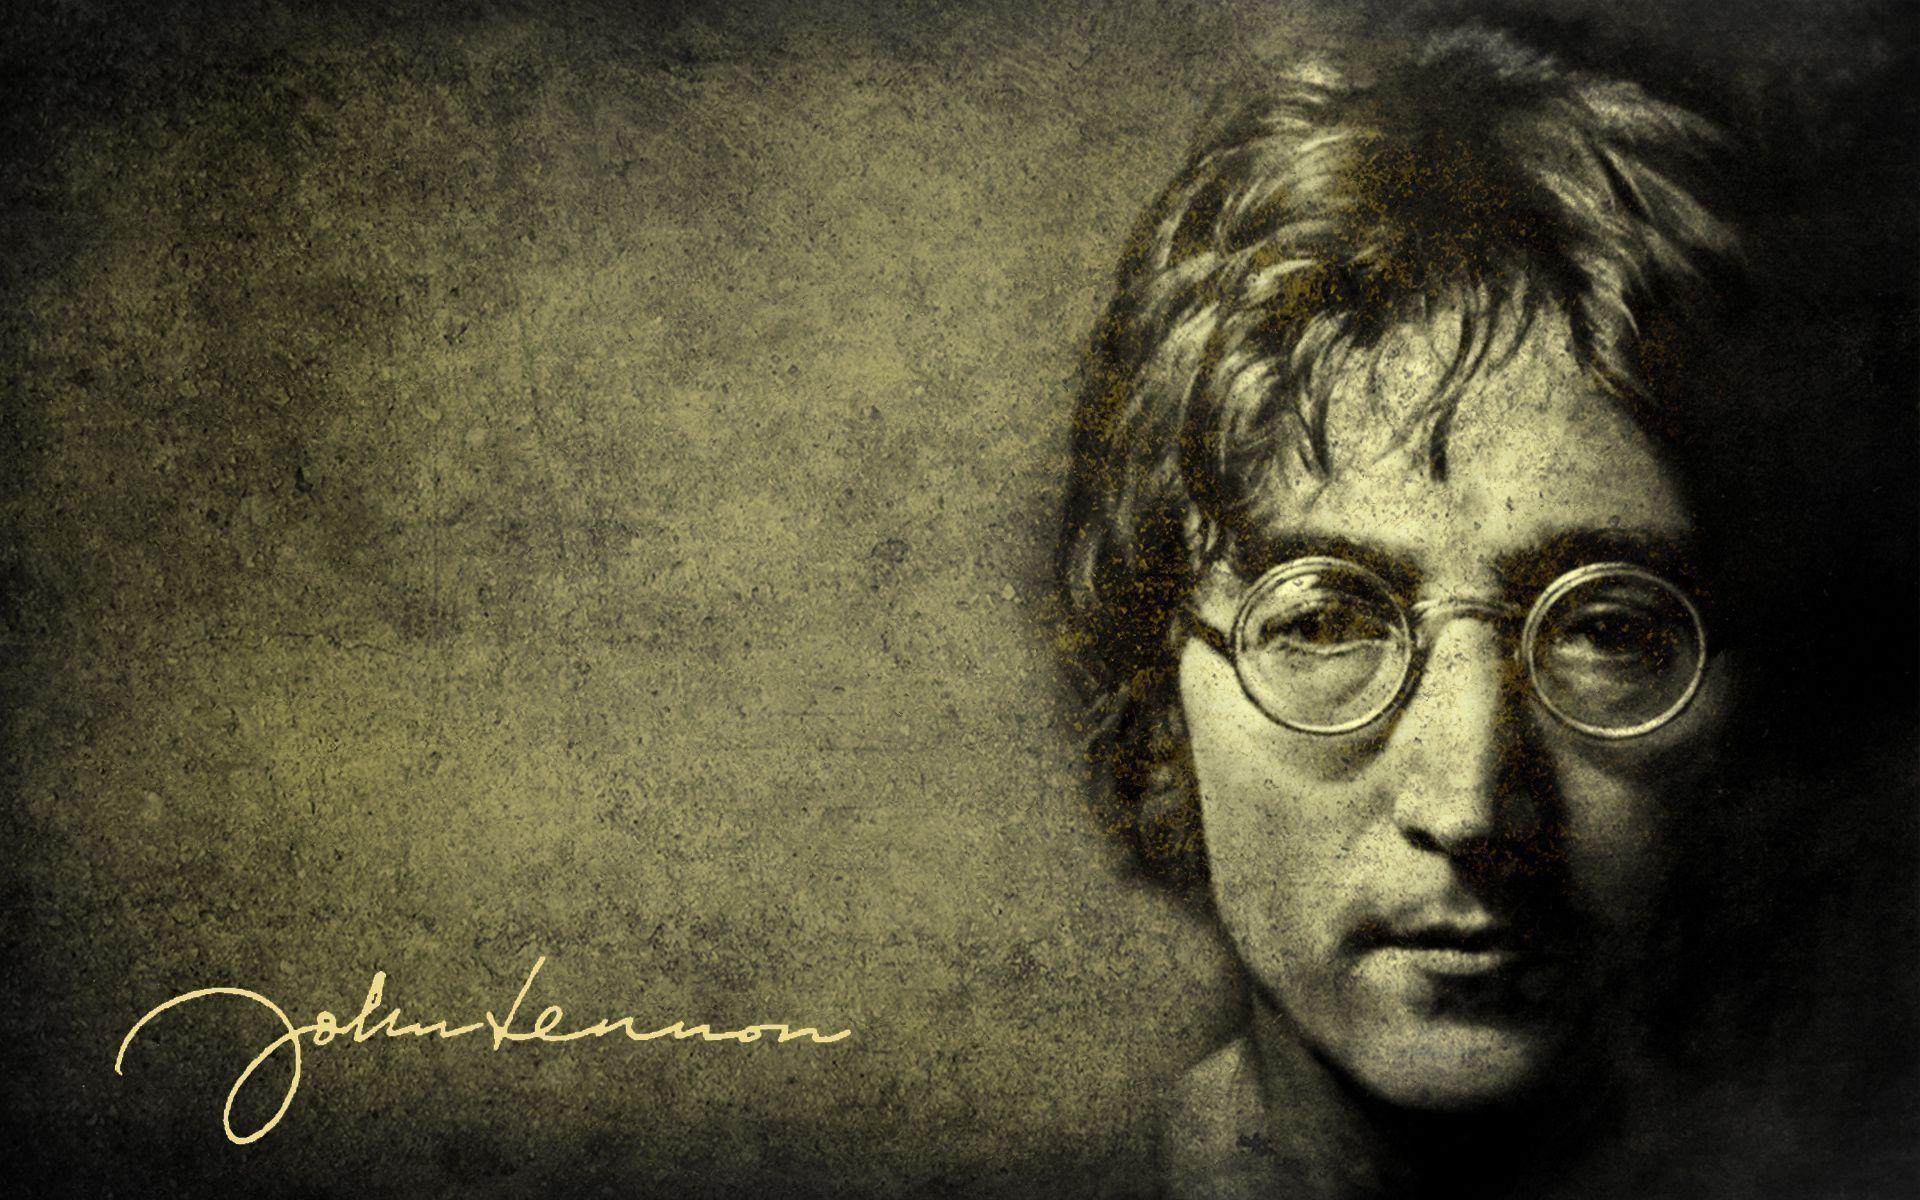 1920x1200 John Lennon Wallpaper